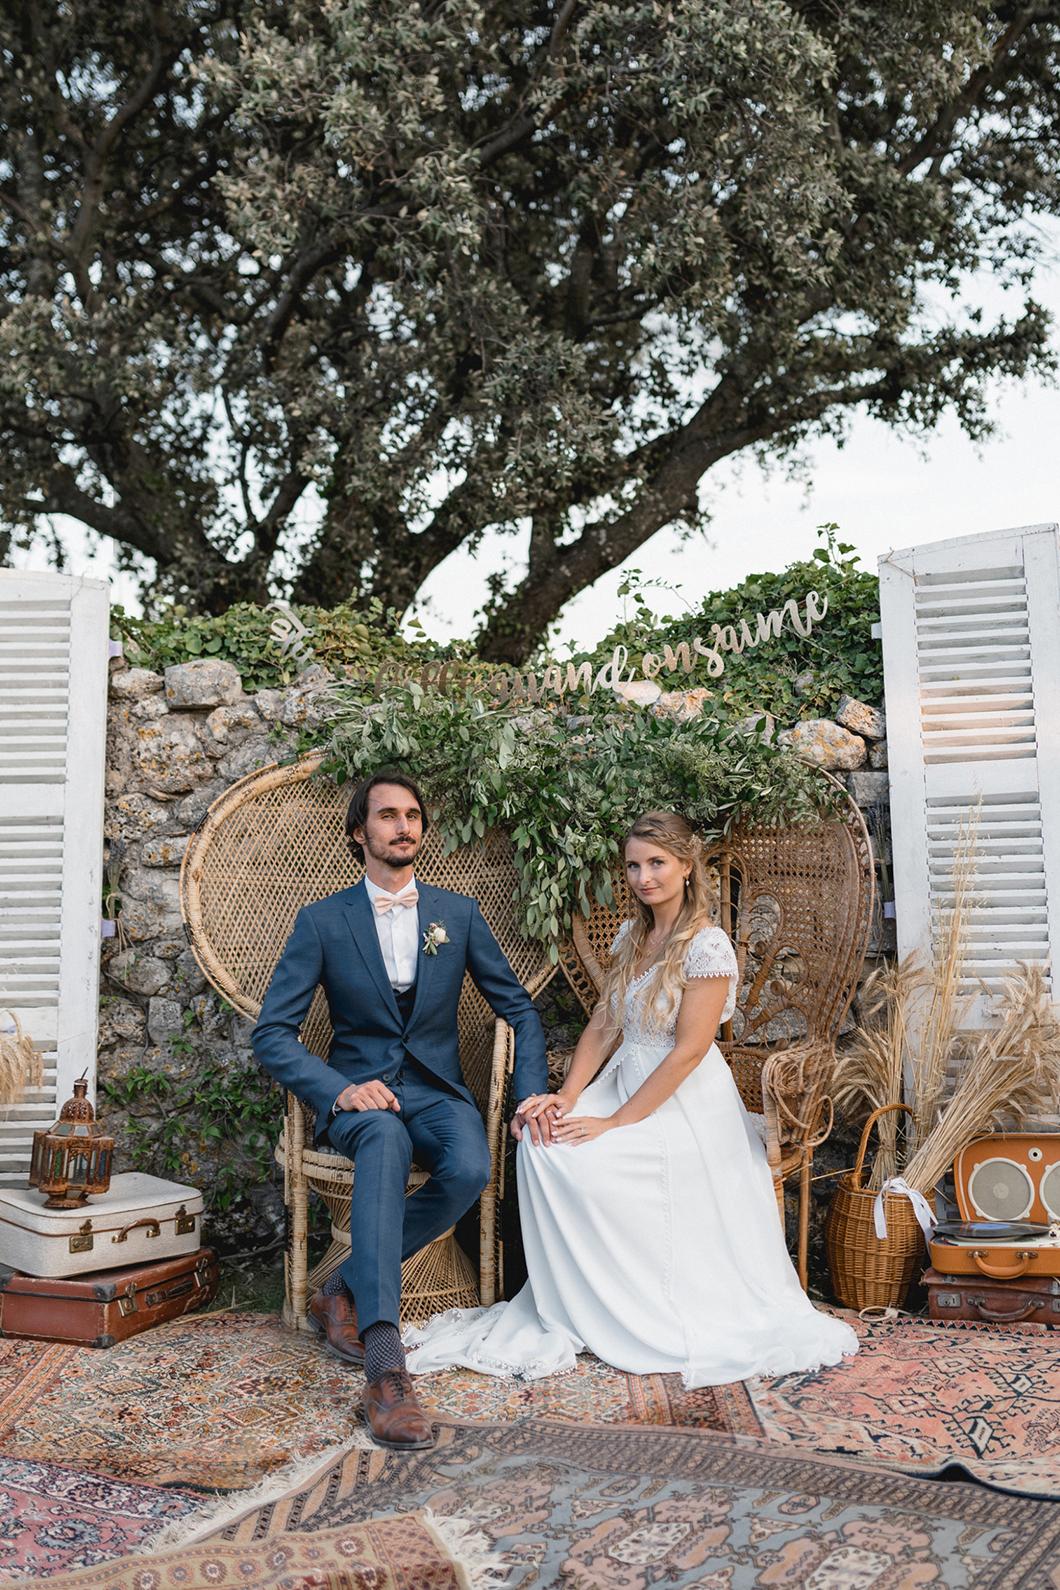 Photobooth de mariage par Velvet rendez-vous